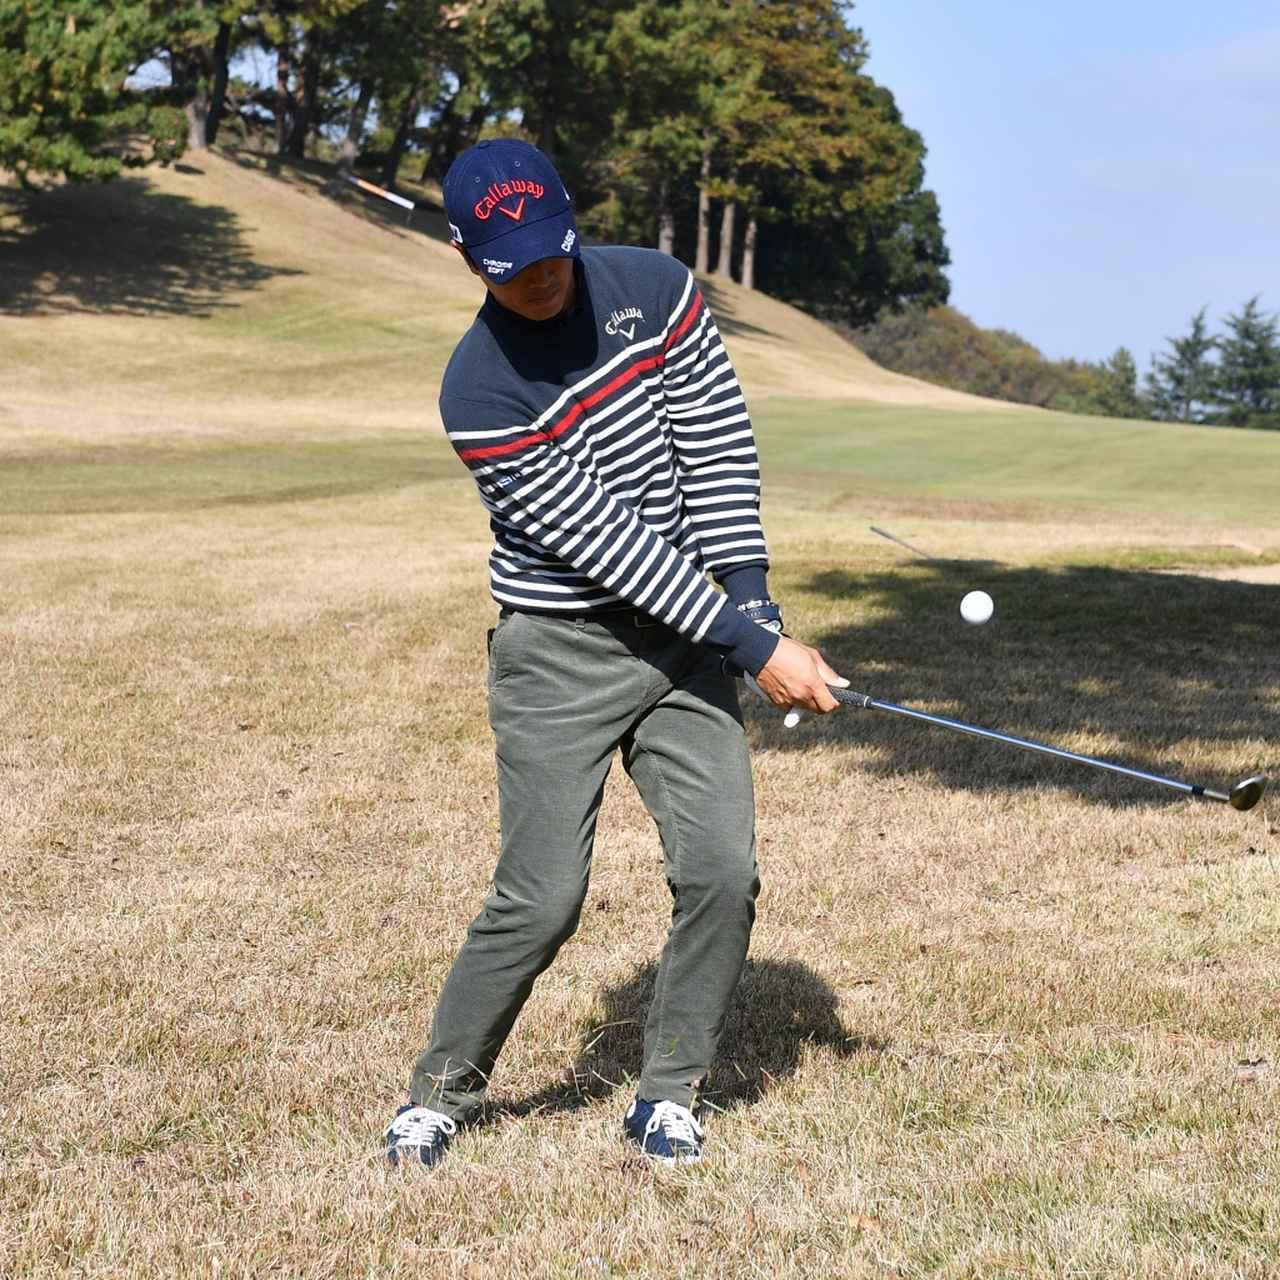 画像31: 【アプローチ】「僕はこの1本のマックダディで寄せていく」 石川遼、15のワザを持つ男